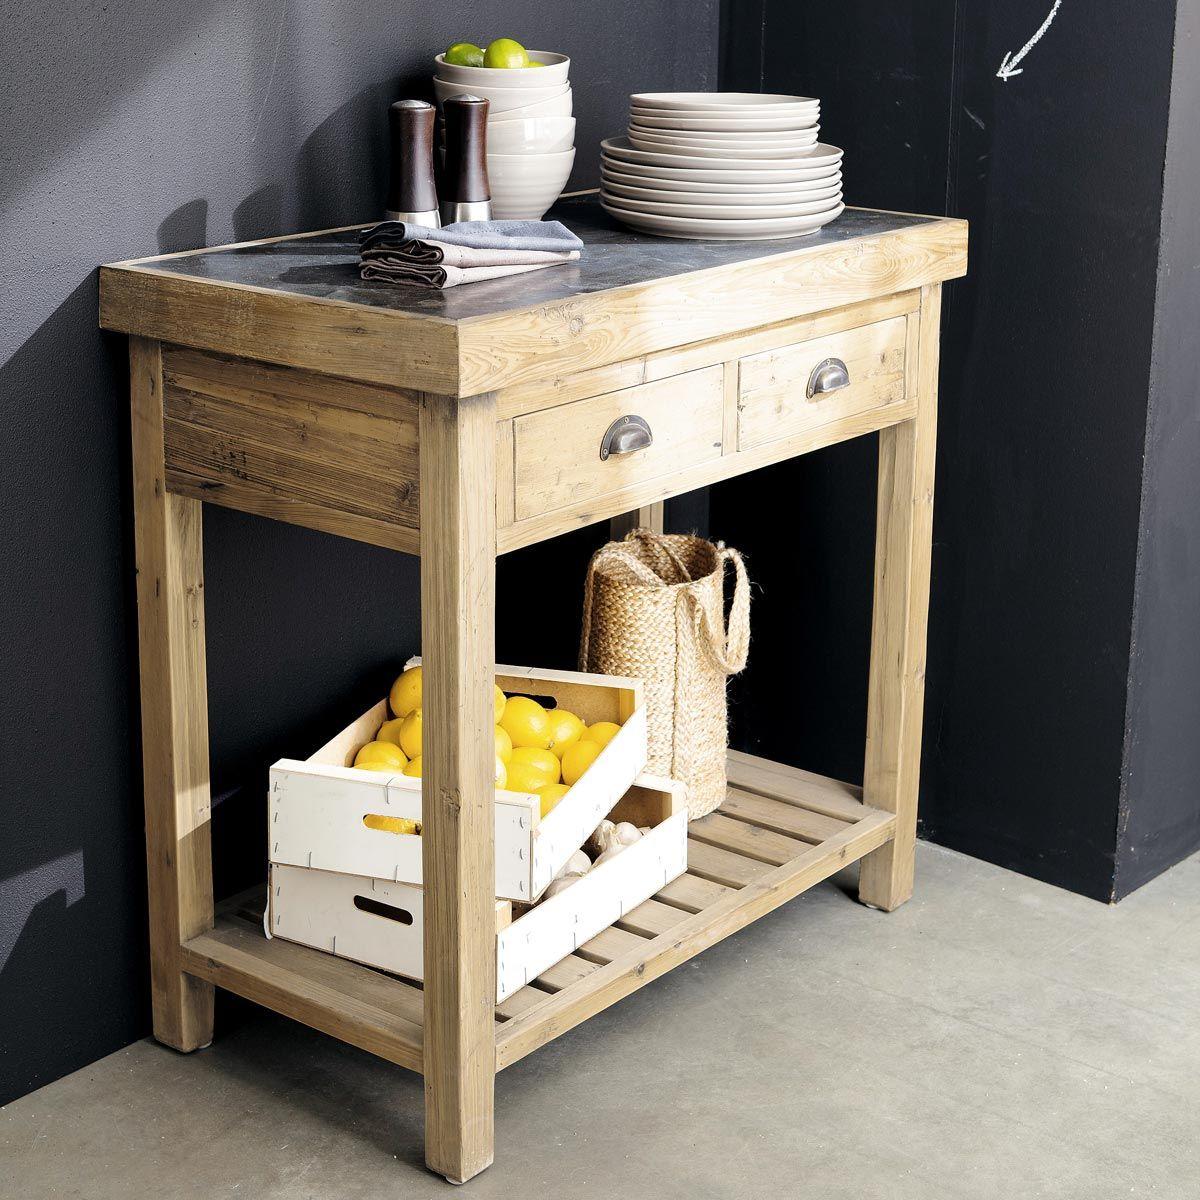 schneidetisch küche - Google-Suche | Paletten Möbel | Pinterest ... | {Suche küche 21}